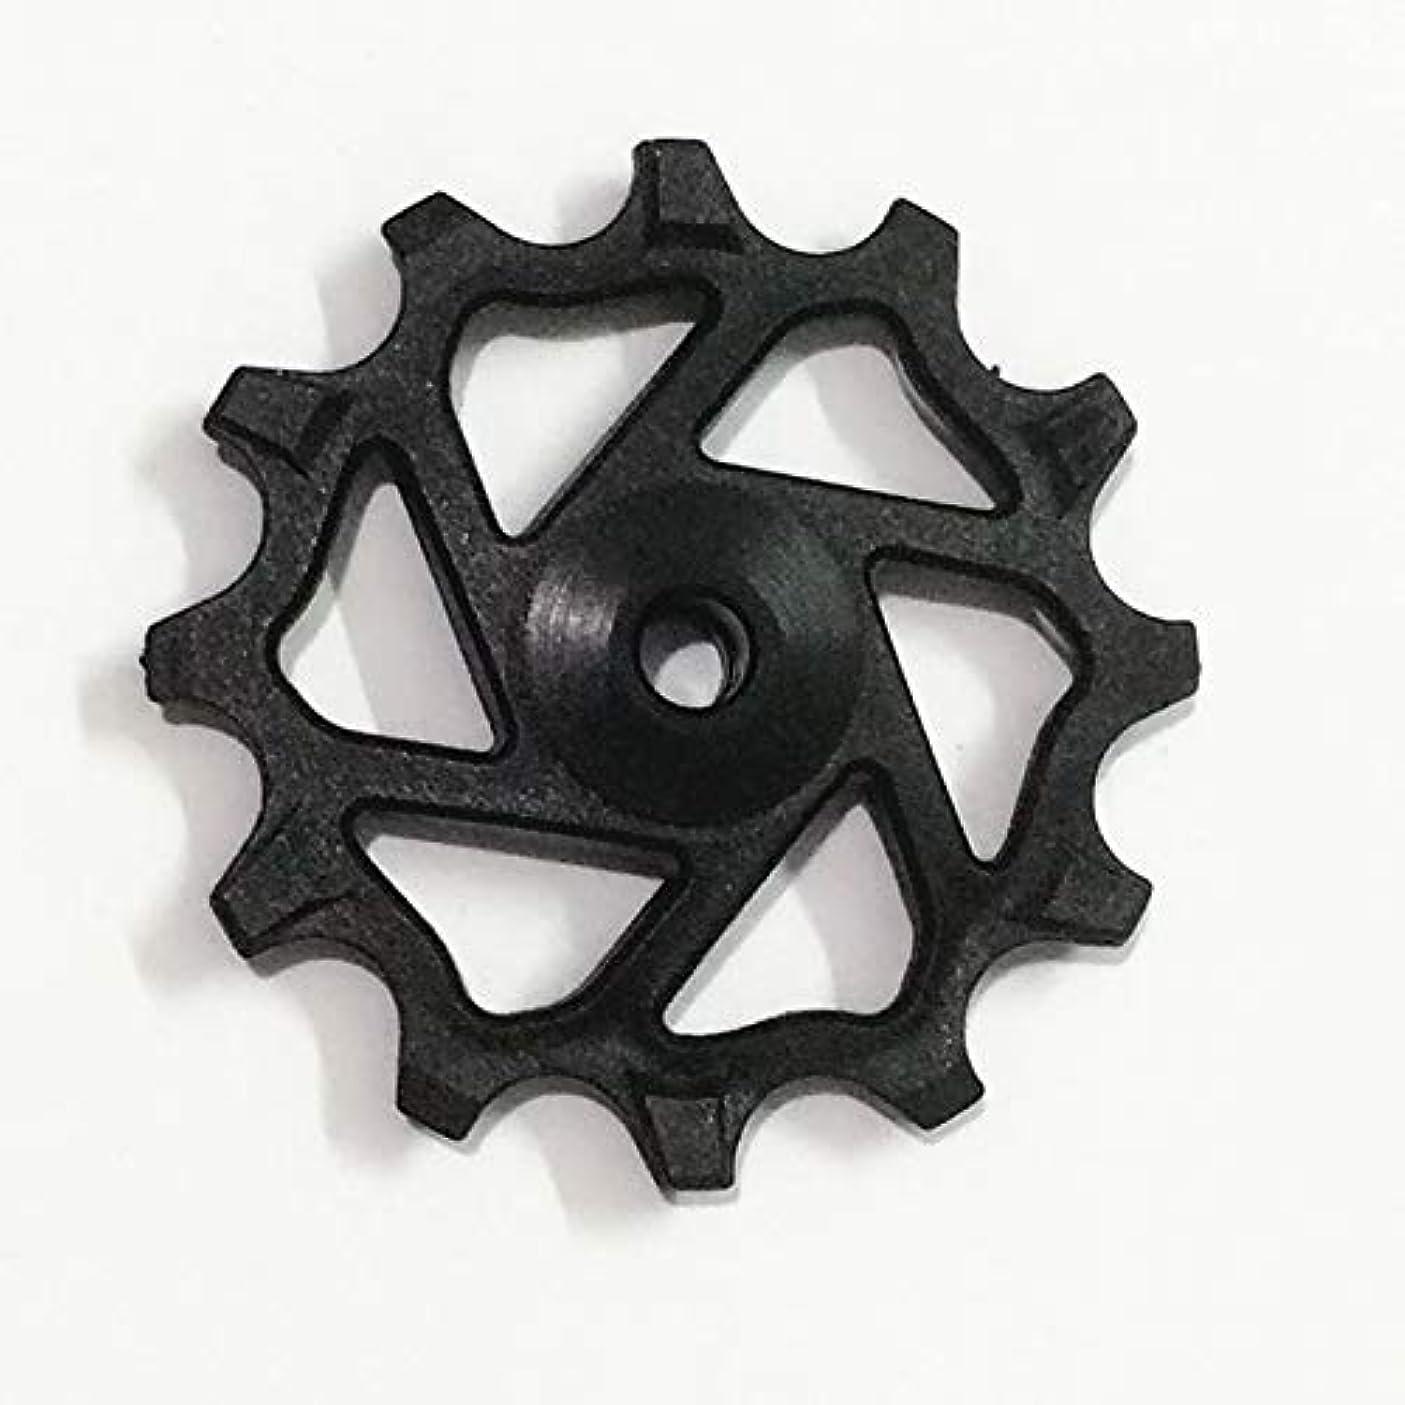 徹底グレーファウルPropenary - 自転車レジン12T狭い広い静かなリアディレイラージョッキーホイールロードマウンテンバイクガイドローラーアイドラープーリー自転車パーツ